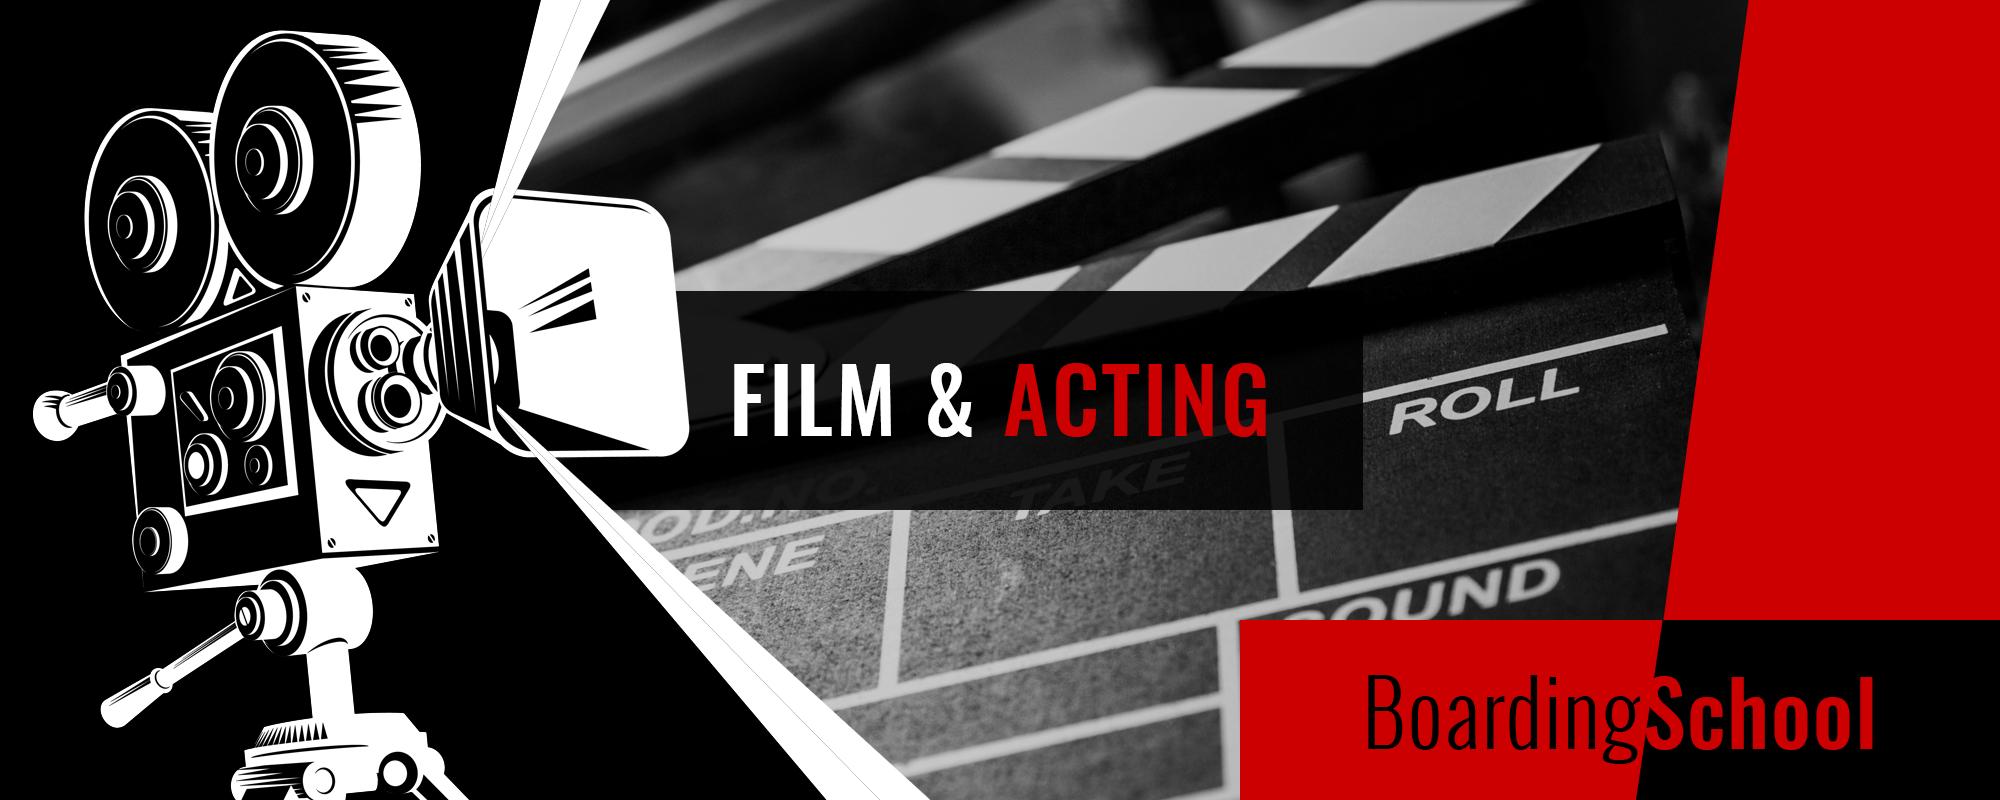 image film et jeu d'acteur au chateau troissy internat college lycee cinema 7e art film